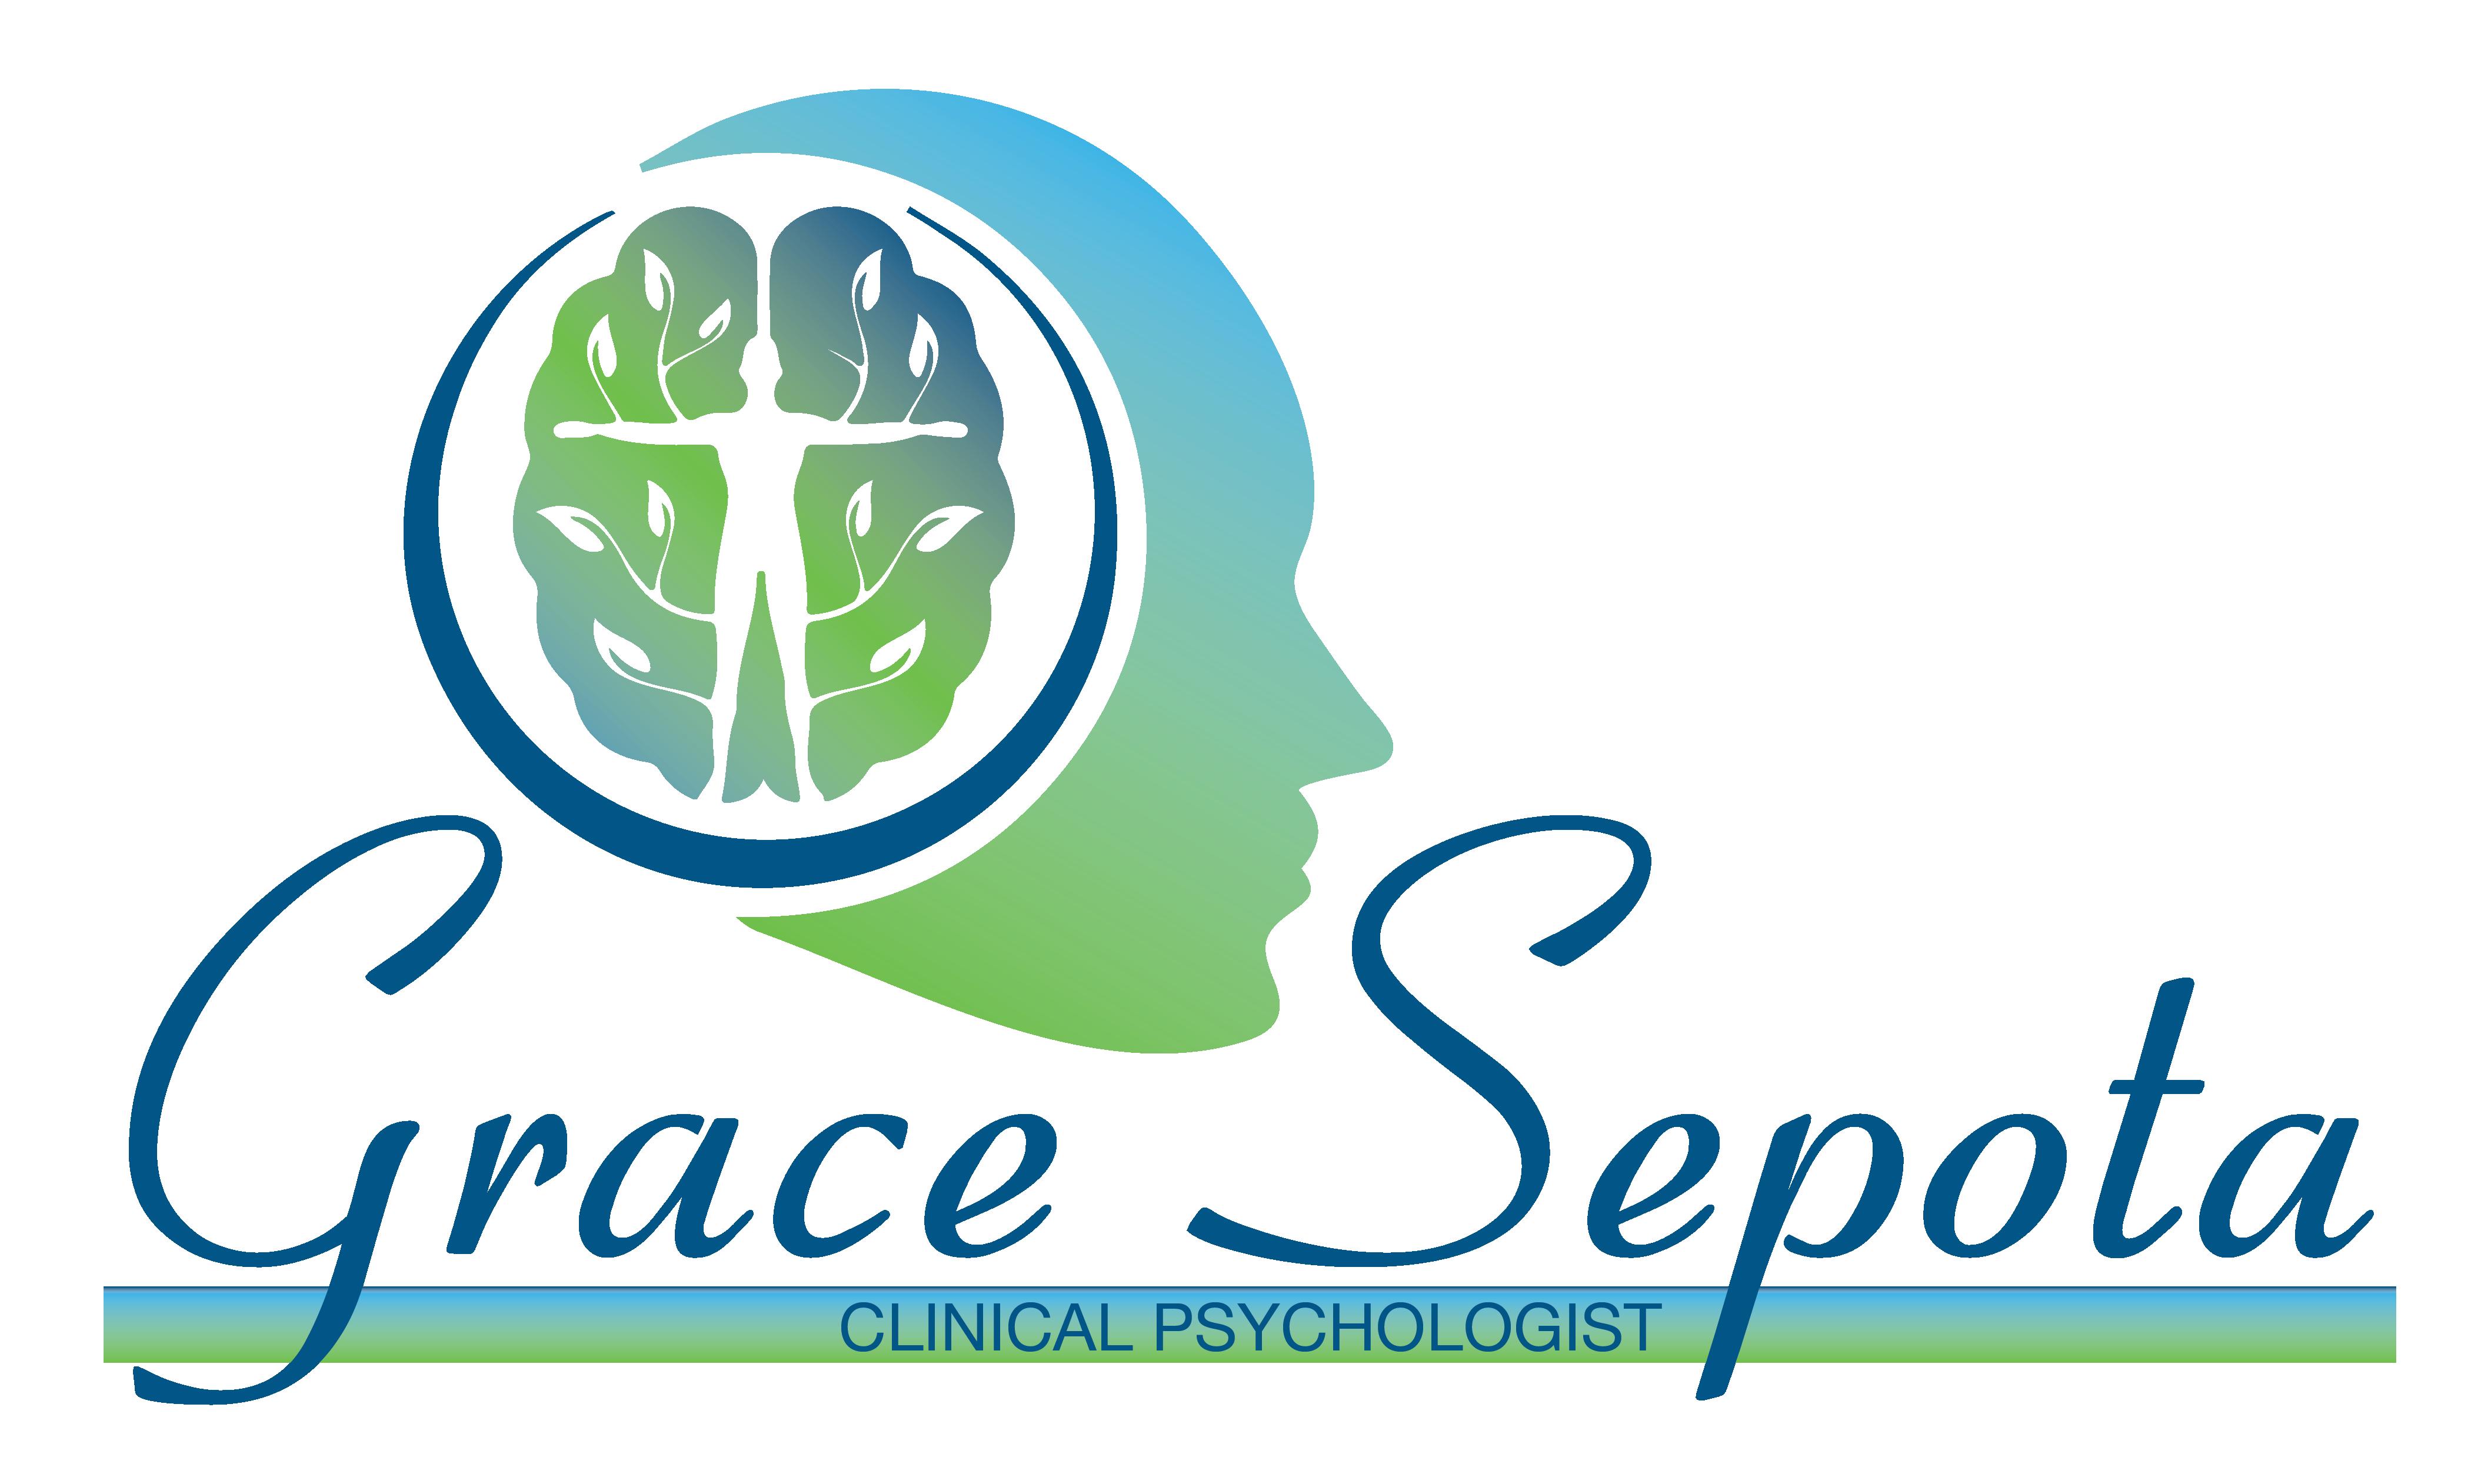 Grace Sepota Clinical Psychologist